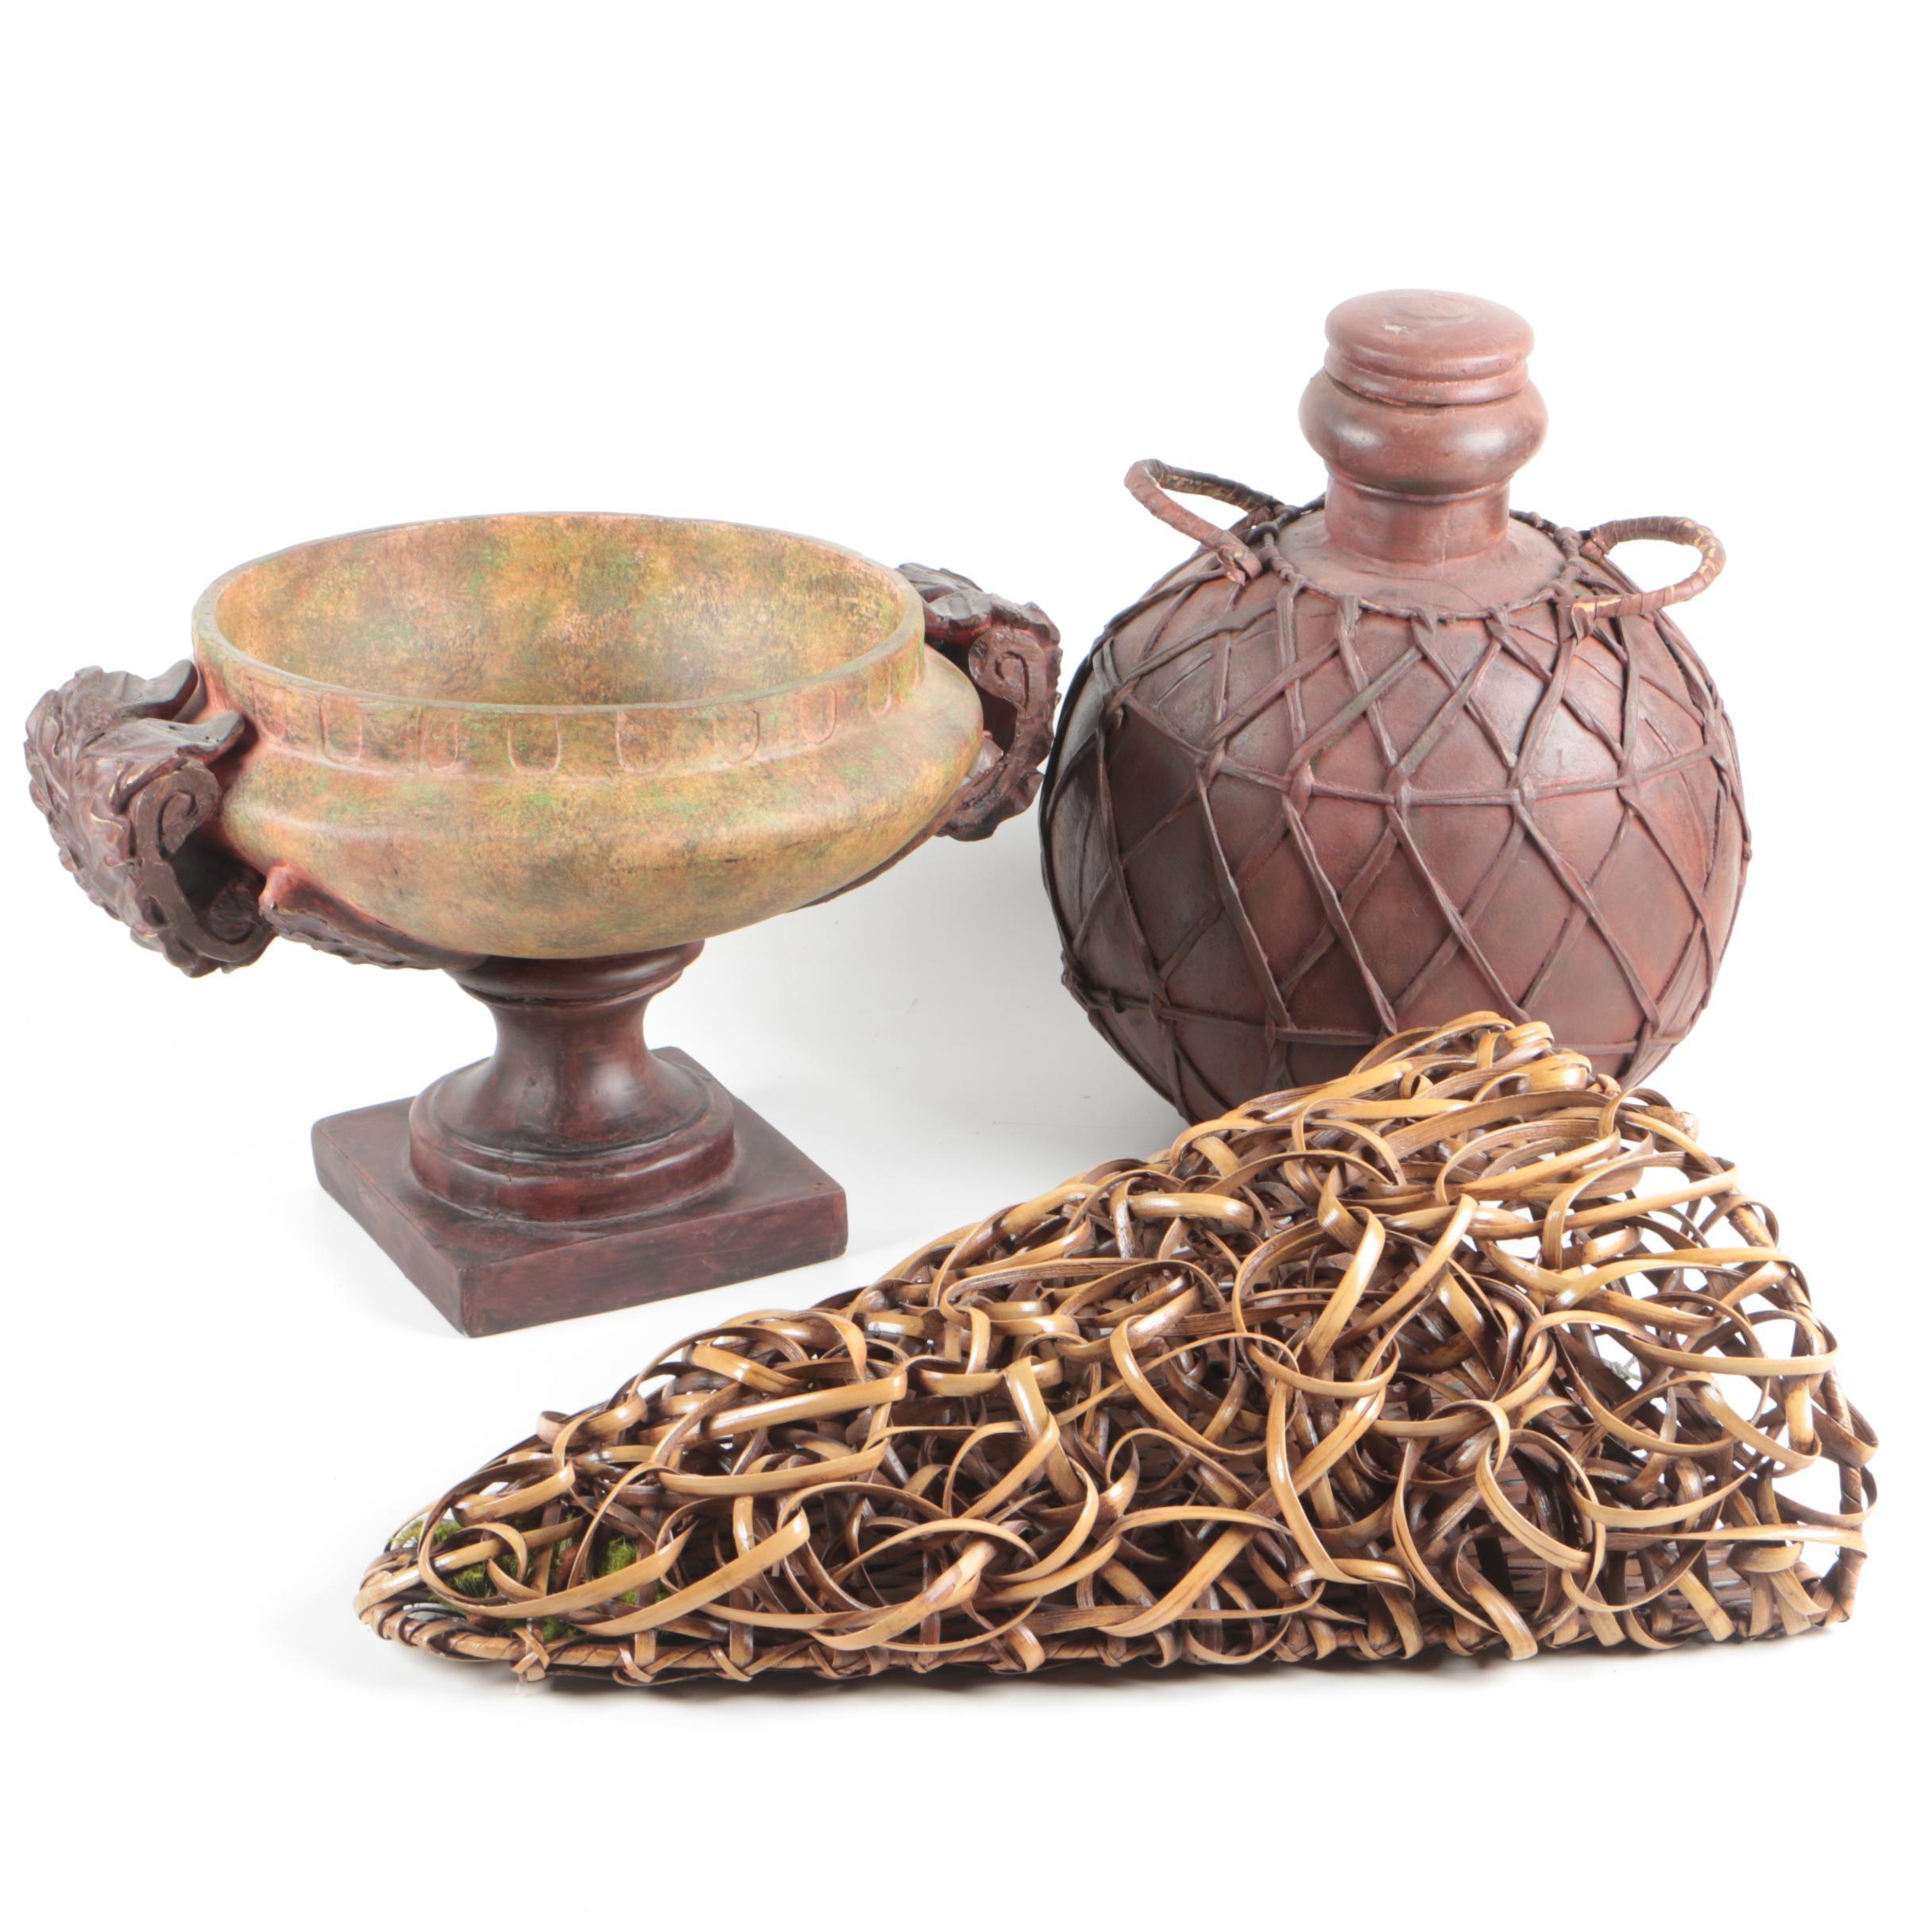 Pedestal Centerpiece Bowl, Wall Pocket Vase and Lidded Vessel